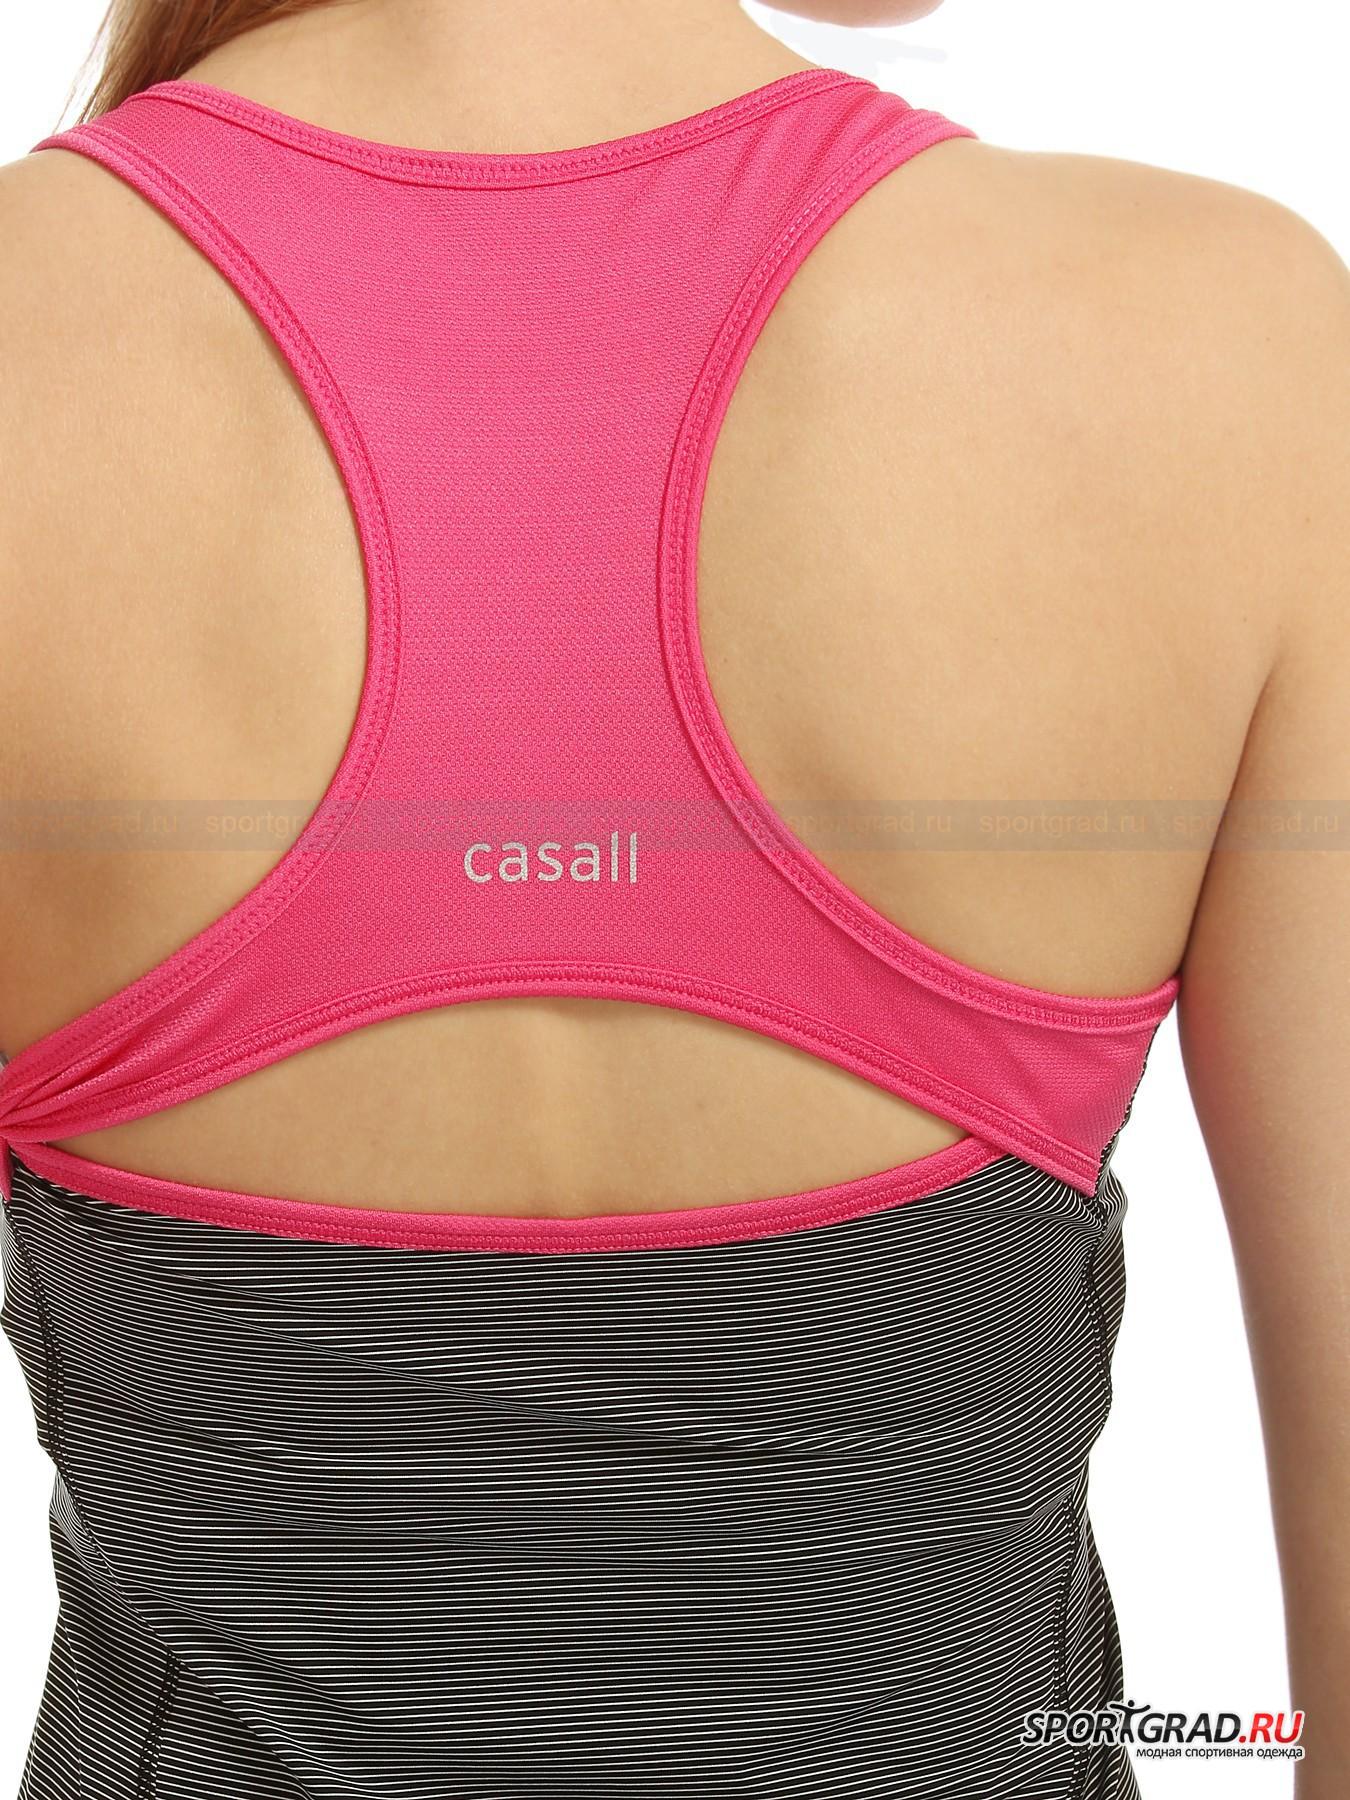 Платье женское для тенниса Devotion tennis dress CASALL от Спортград